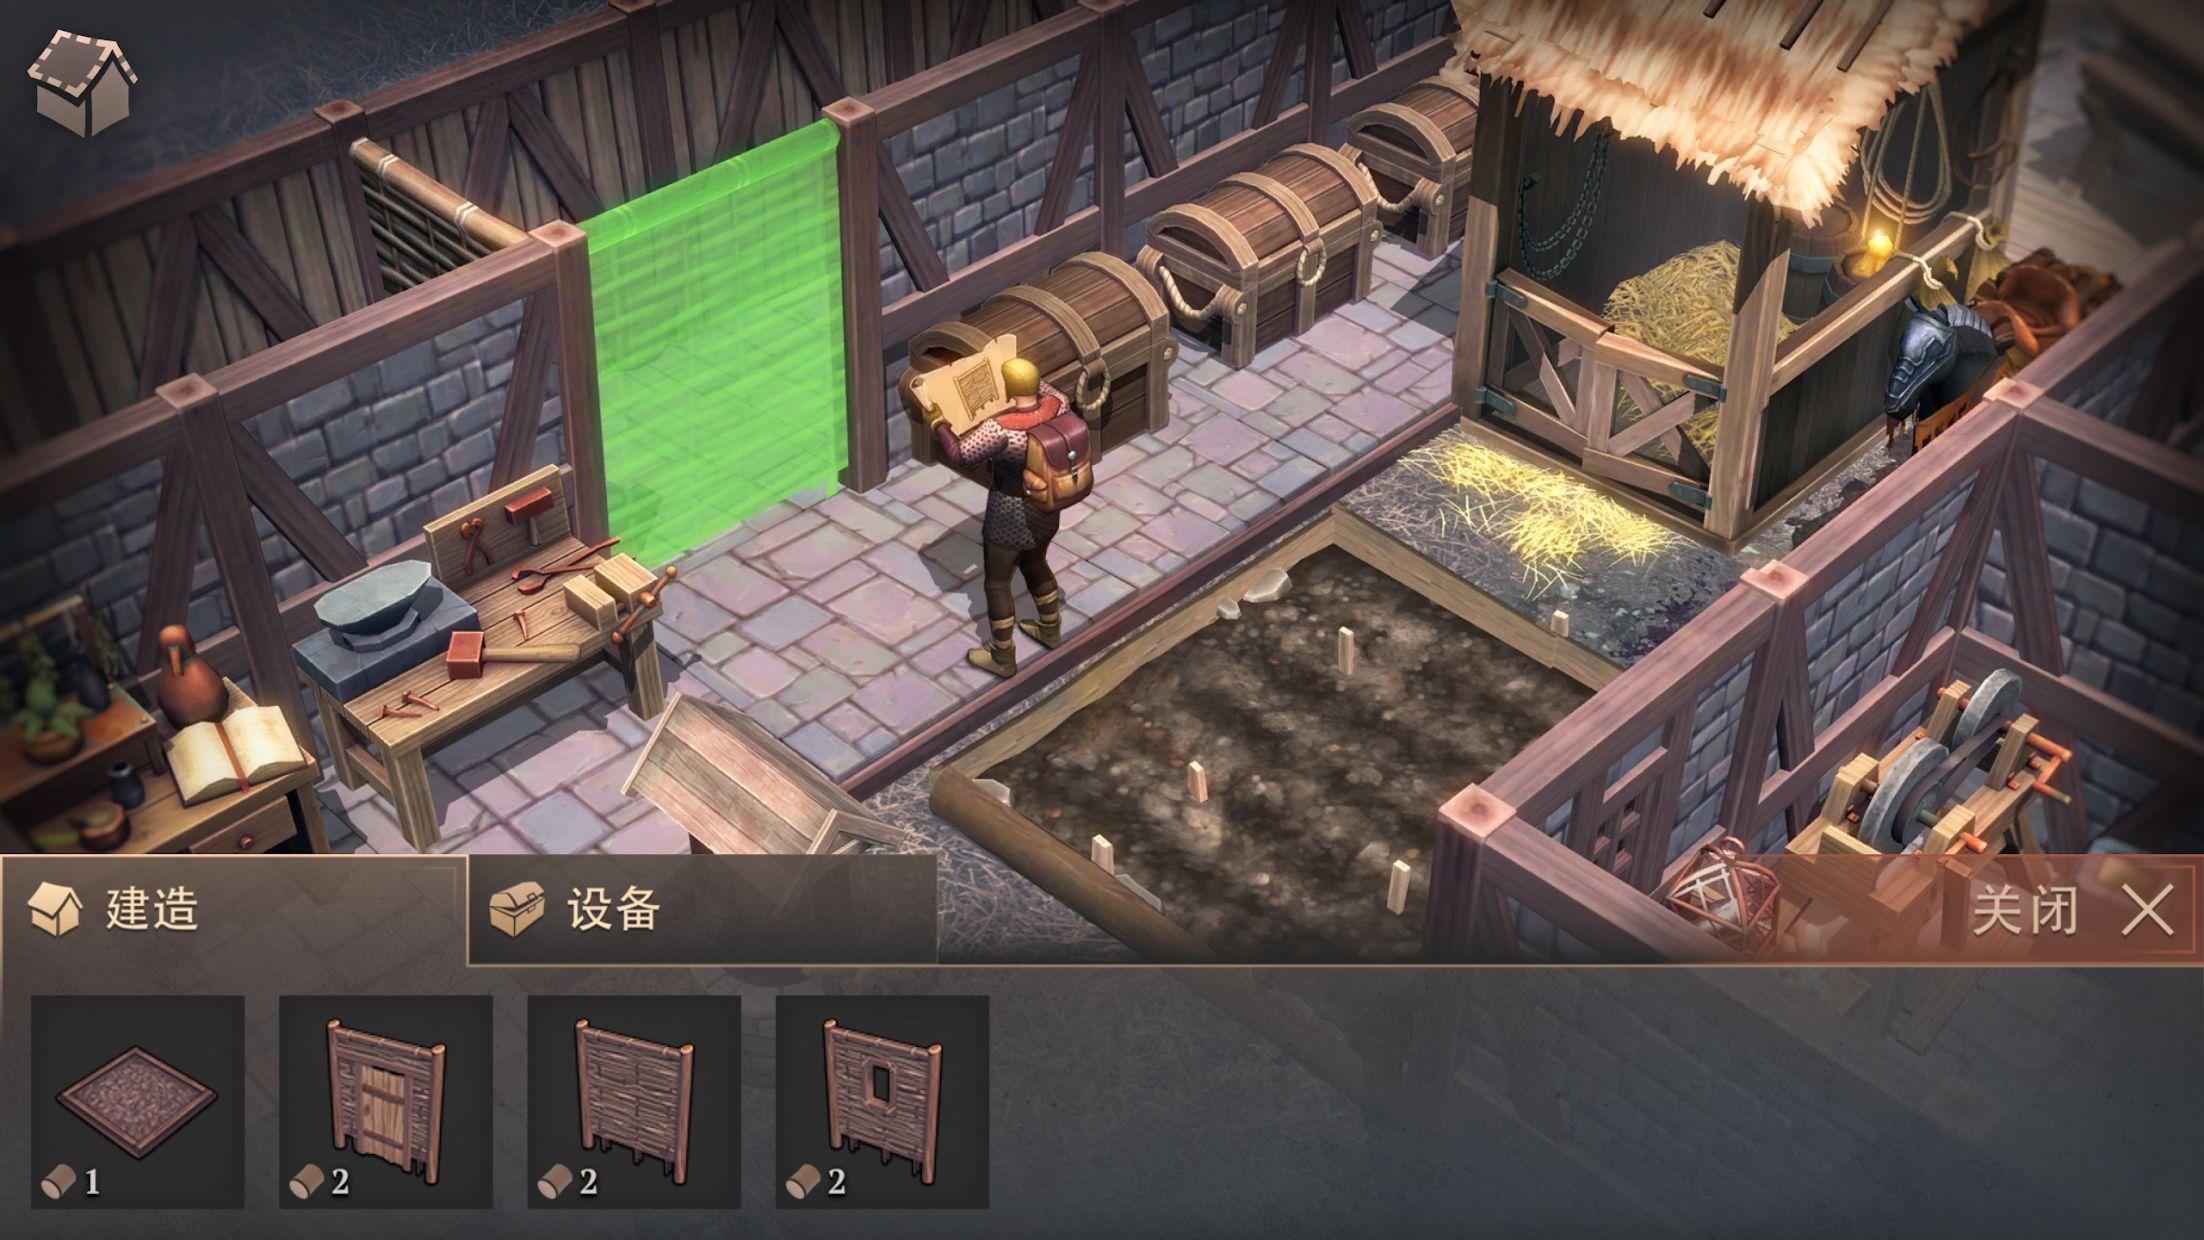 冷酷灵魂:黑暗幻想生存游戏 游戏截图2